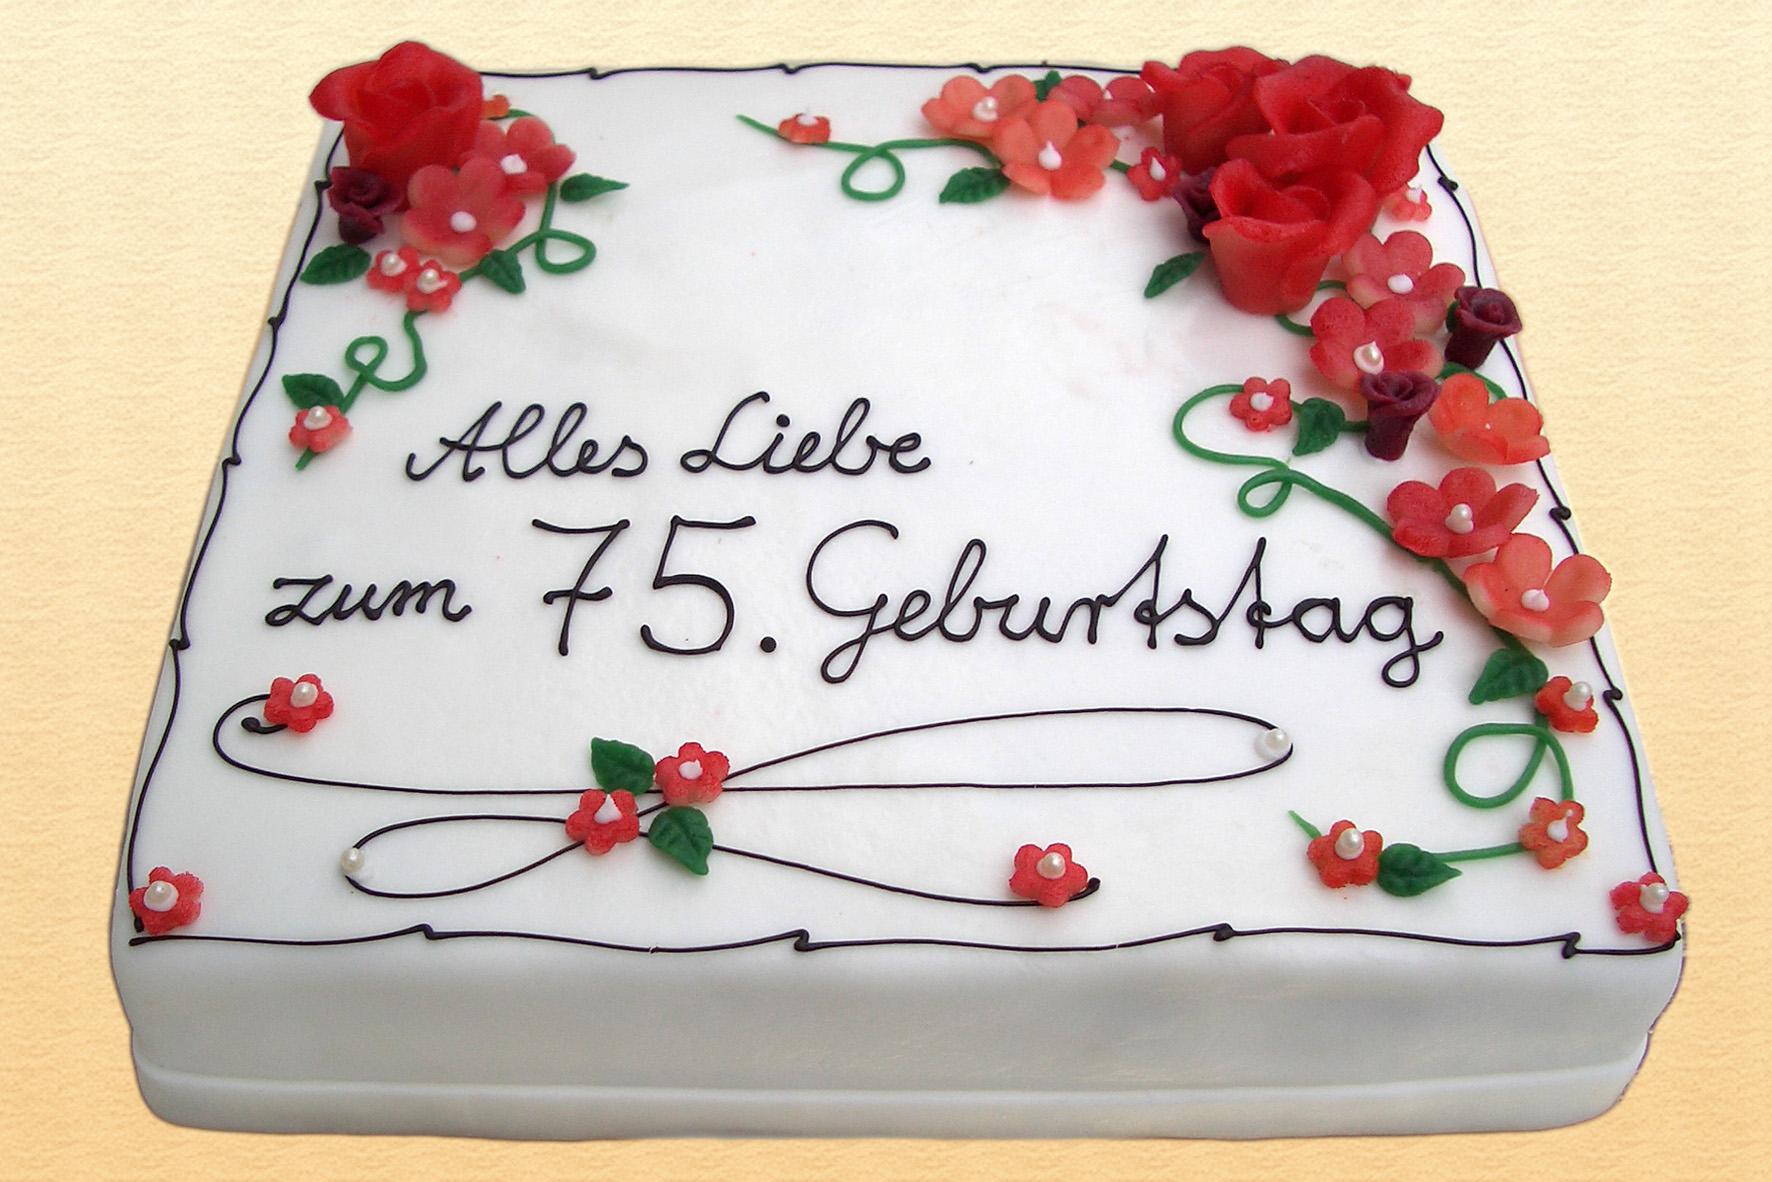 Geburtstagstorte Geburtstagskuchen Mit Der Aufschrift Happy Birthday ...